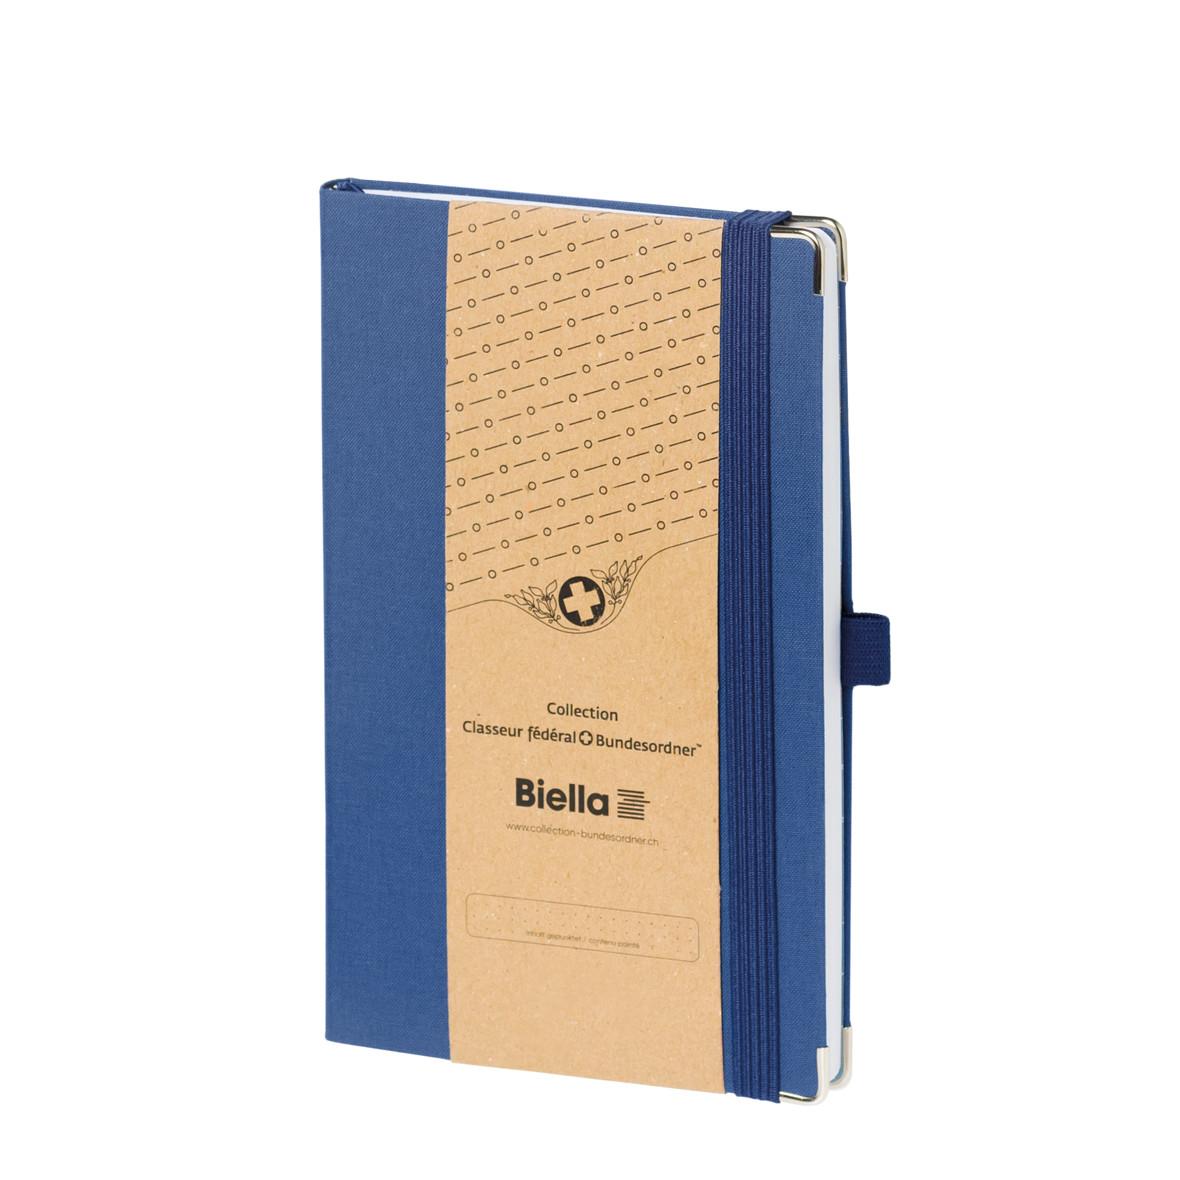 Notizbuch mit Umschlag der Collection Bundesordner von Biella